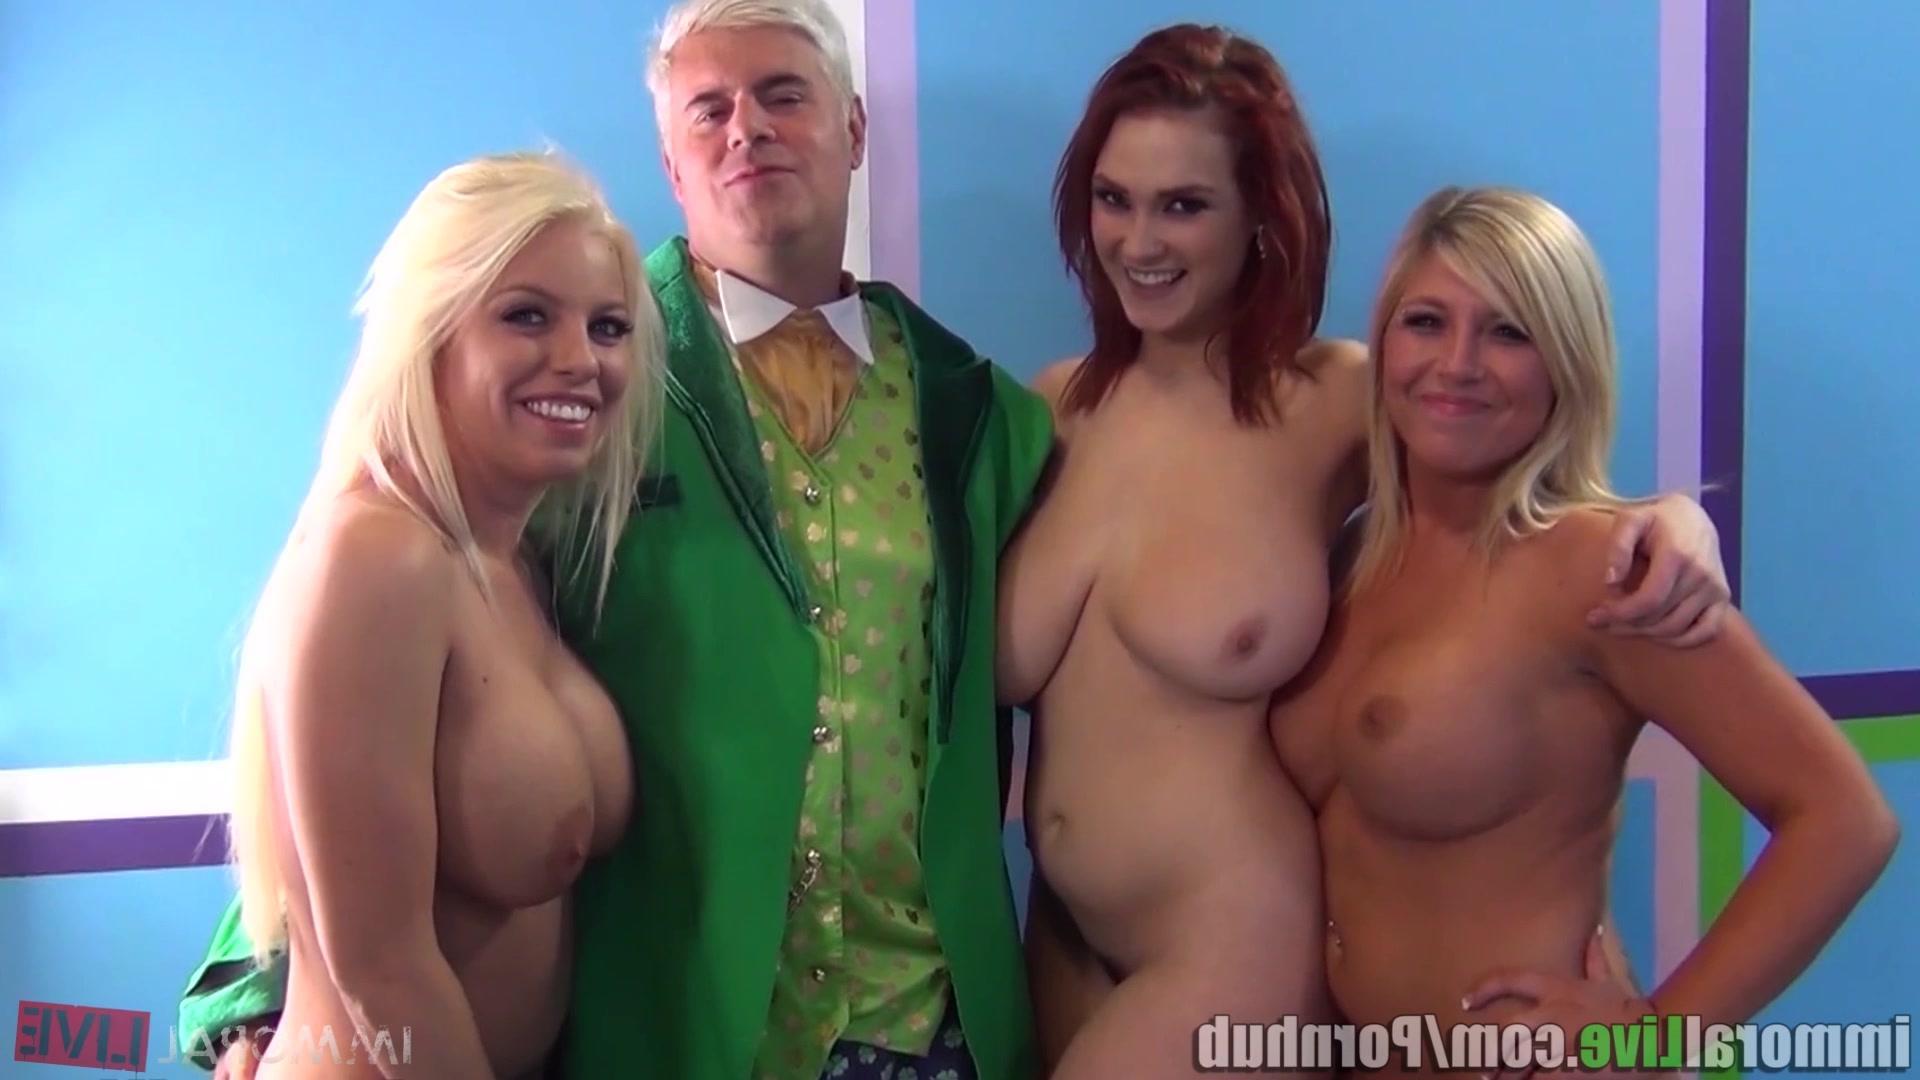 Самый массовой порноролик в мире фото 659-811